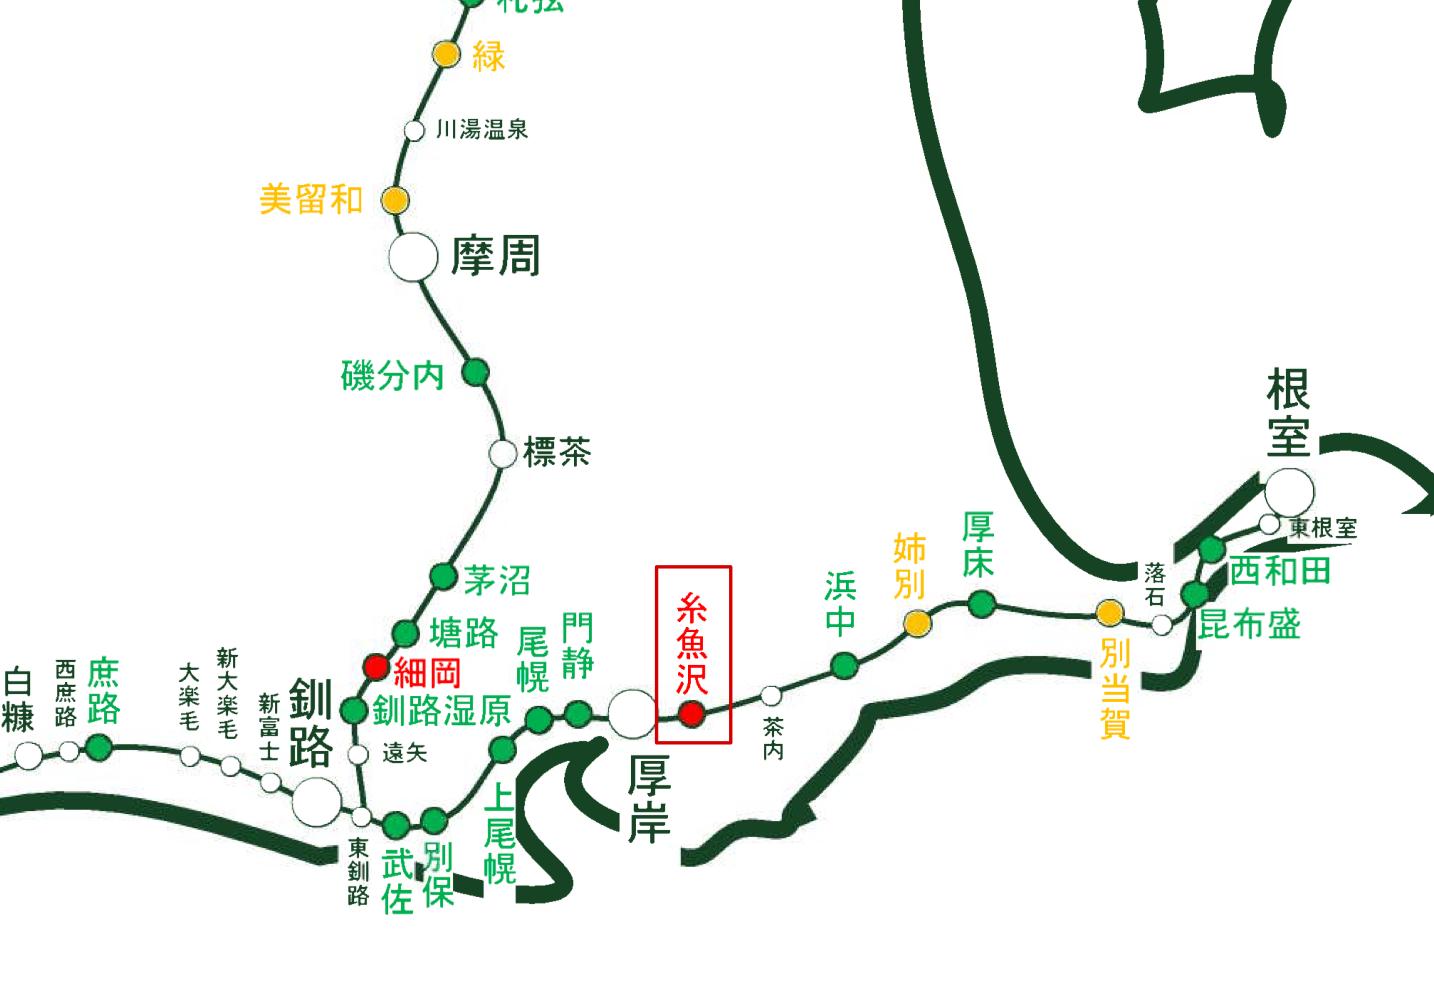 JR北海道「駅別乗車人員」を参考に一部筆者にて編集した花咲線の廃駅予想